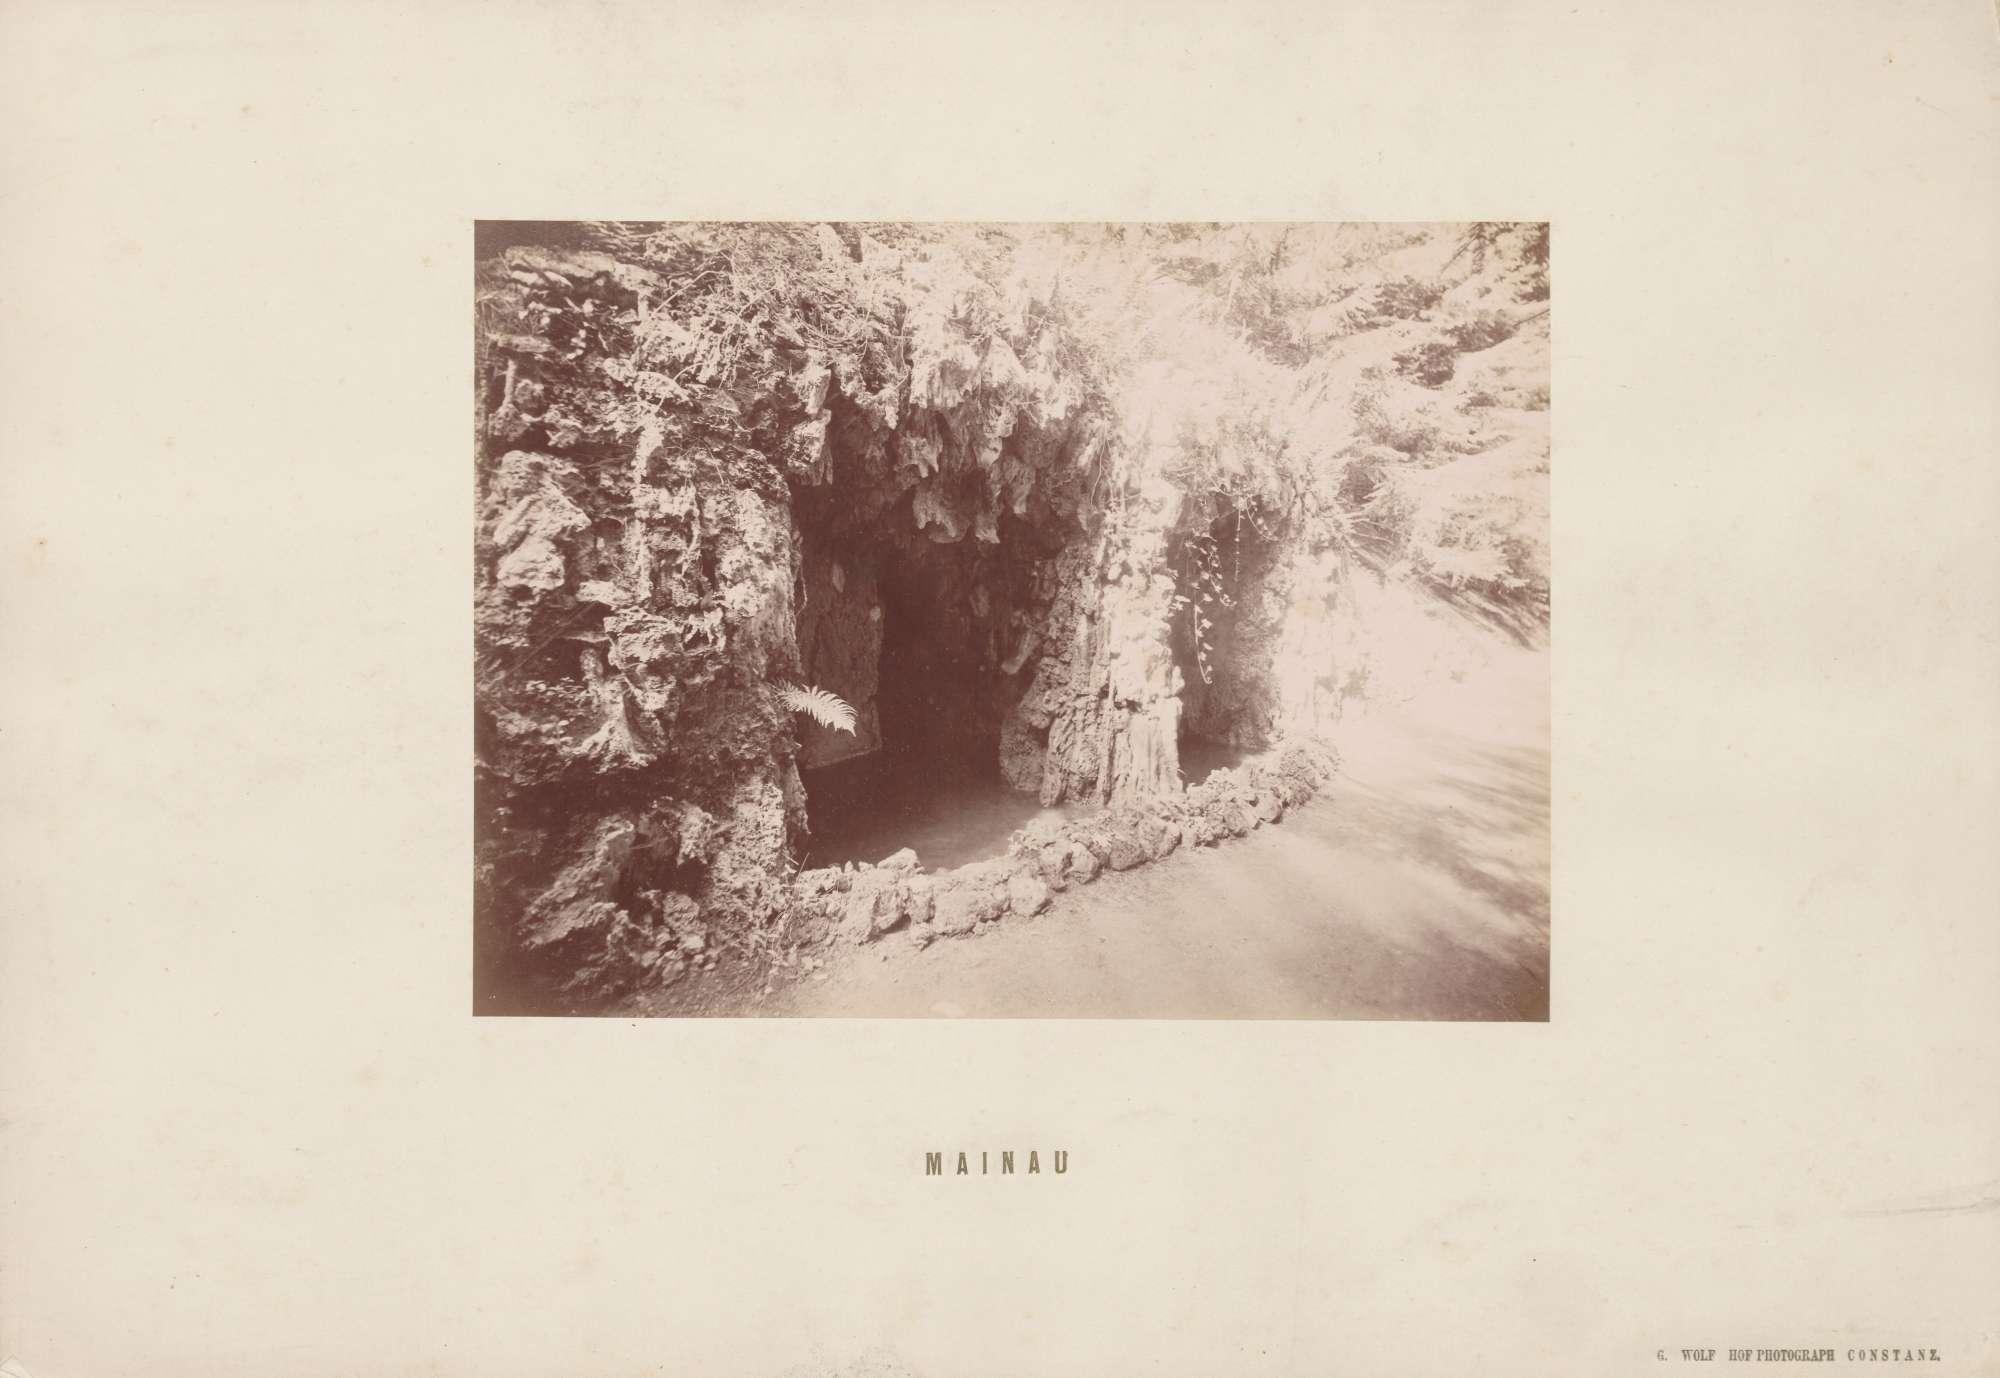 Eingang zu einer Grotte., Bild 1